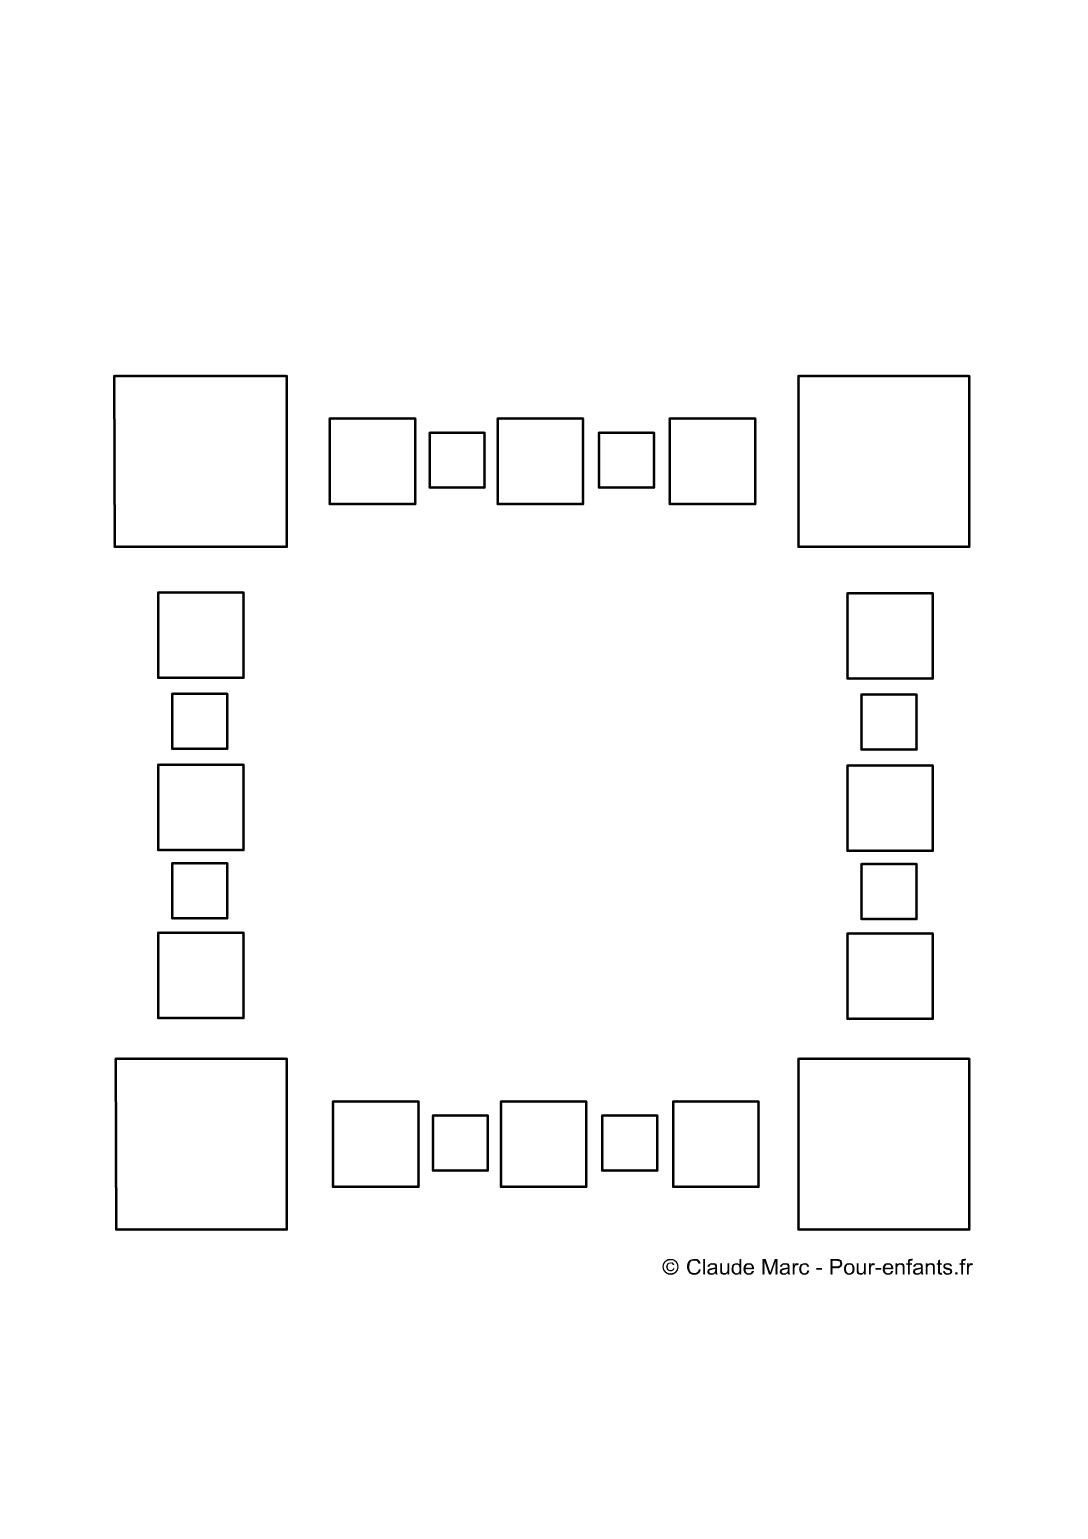 frise maternelle a imprimer gratuit fiches enfants cadre avec frises jeux geometriques. Black Bedroom Furniture Sets. Home Design Ideas